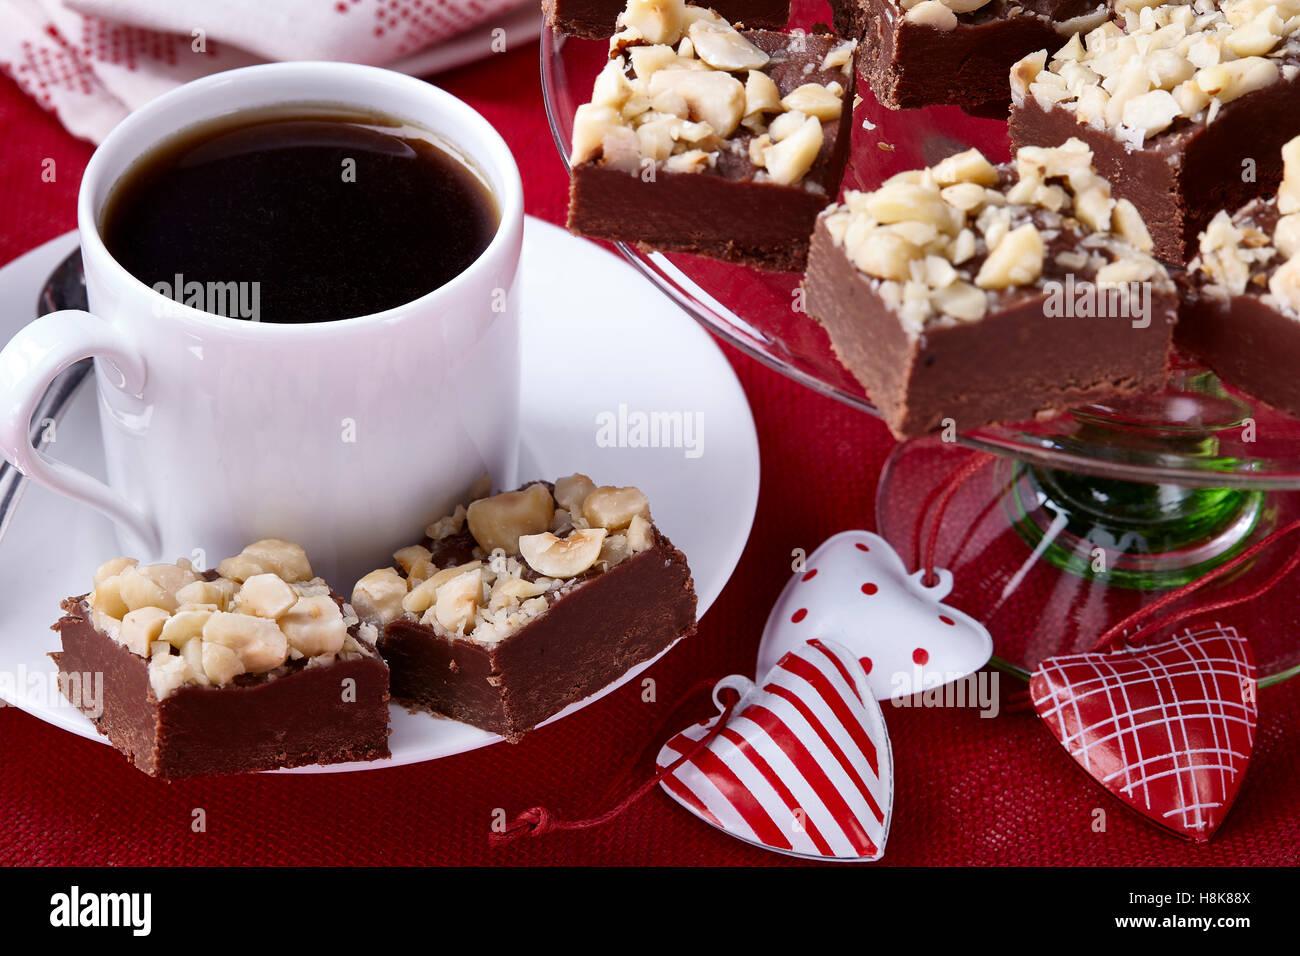 Mocha hazelnut fudge - Stock Image